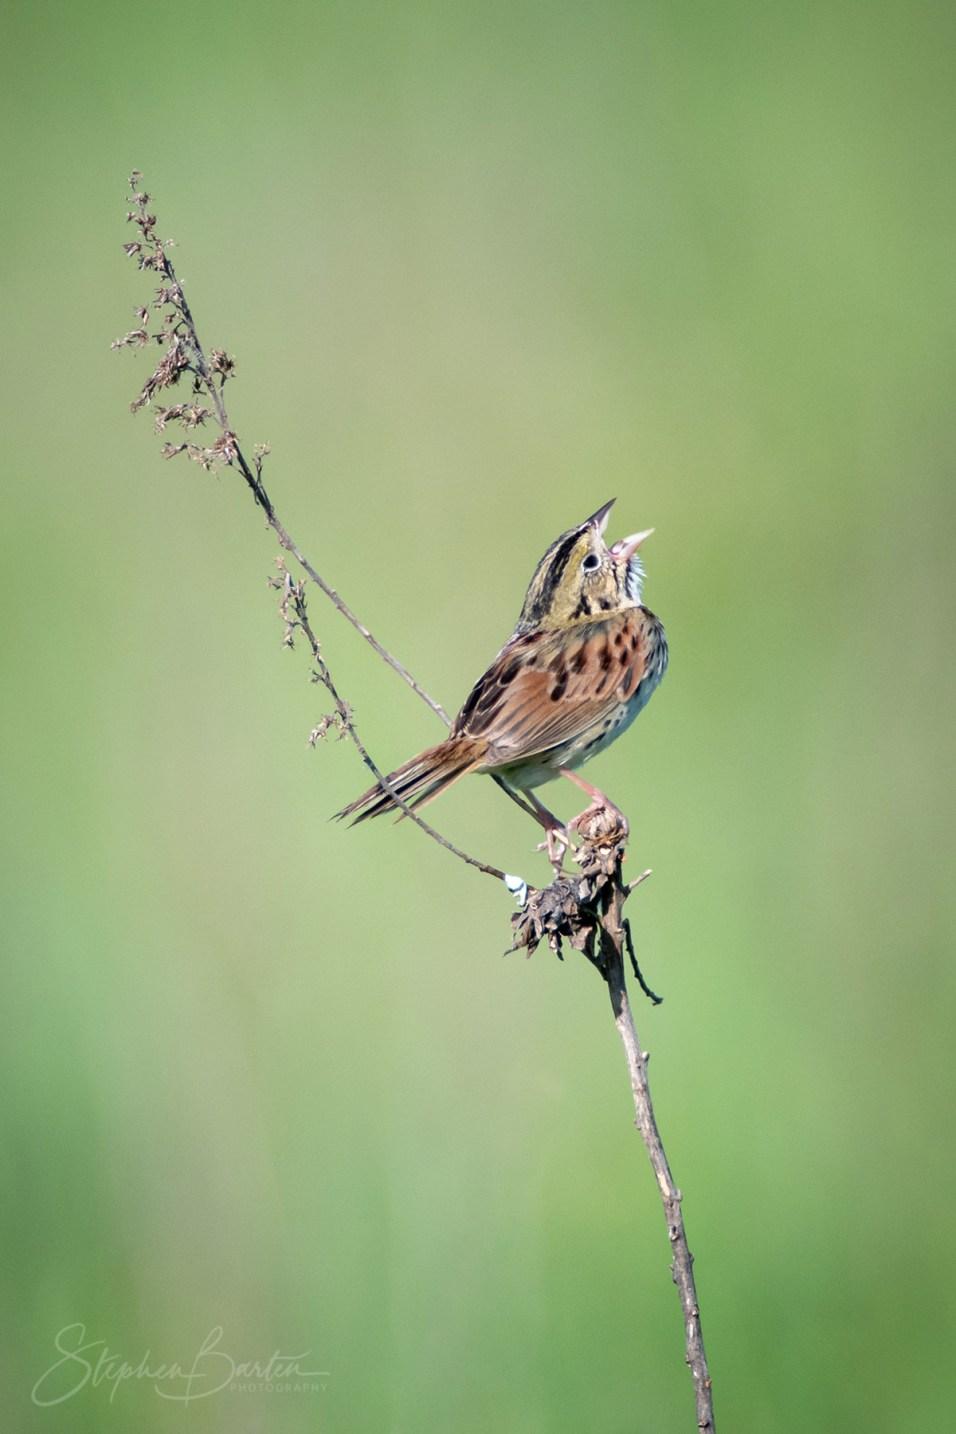 Birds of Barrington - Henslow's Sparrow - Photo by Steve Barten